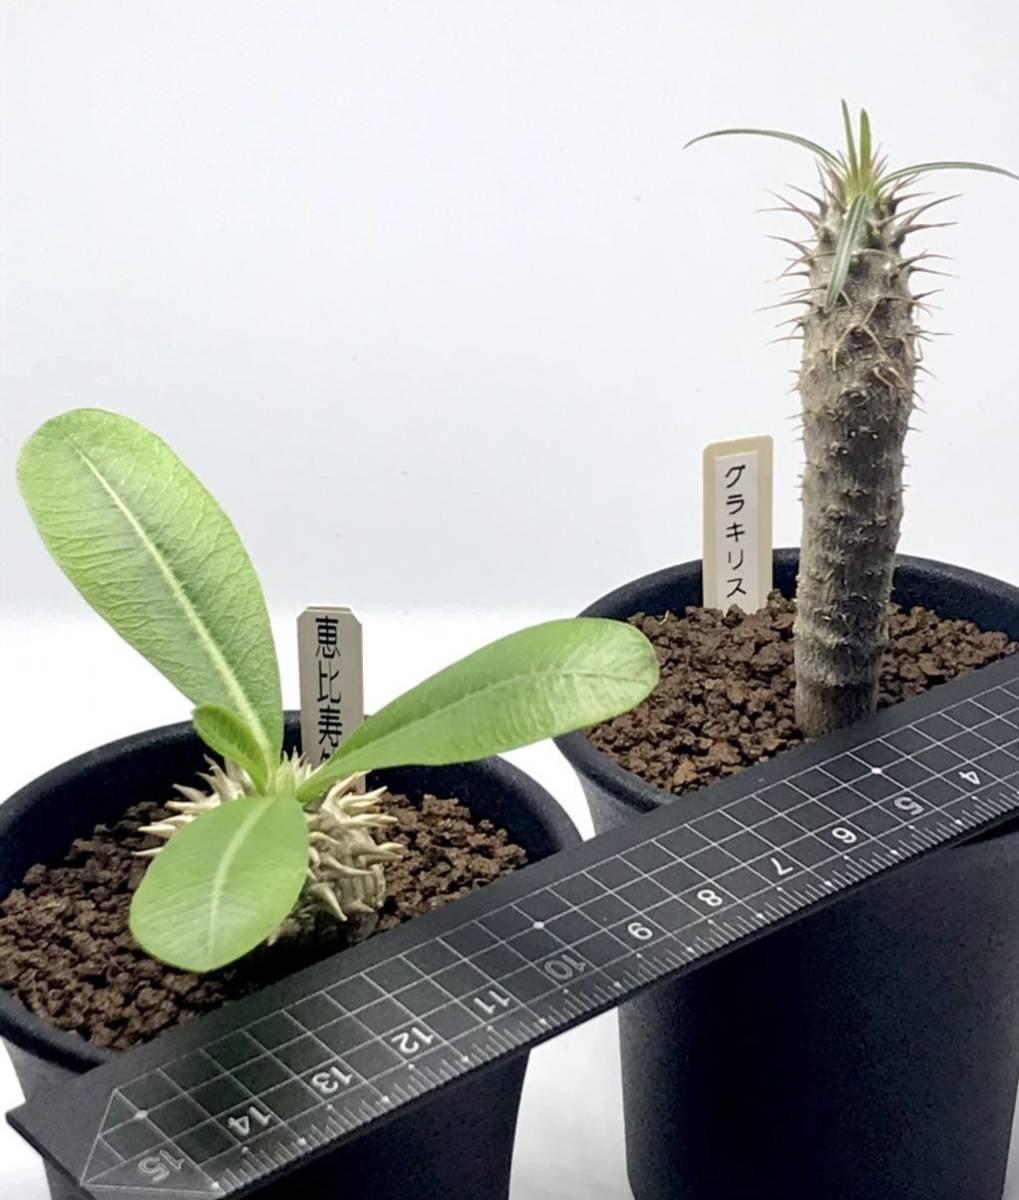 パキポディウム 恵比寿笑い、グラキリス実生苗 2本セット